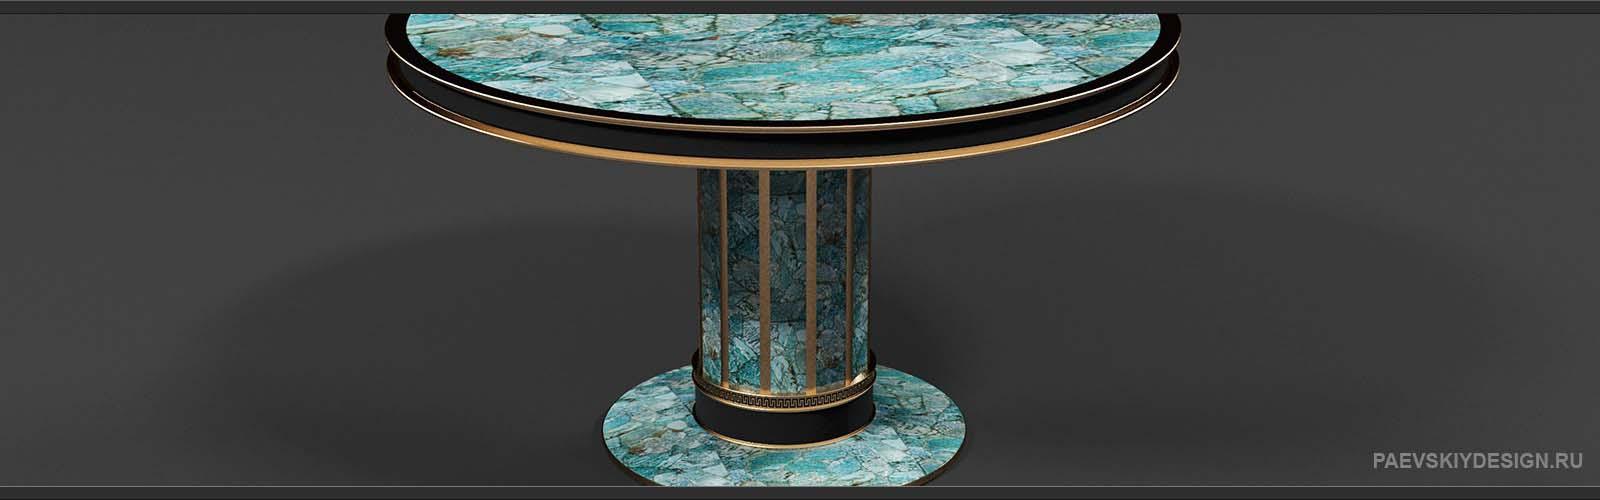 Журнальный стол с амазонитом и натуральной кожей